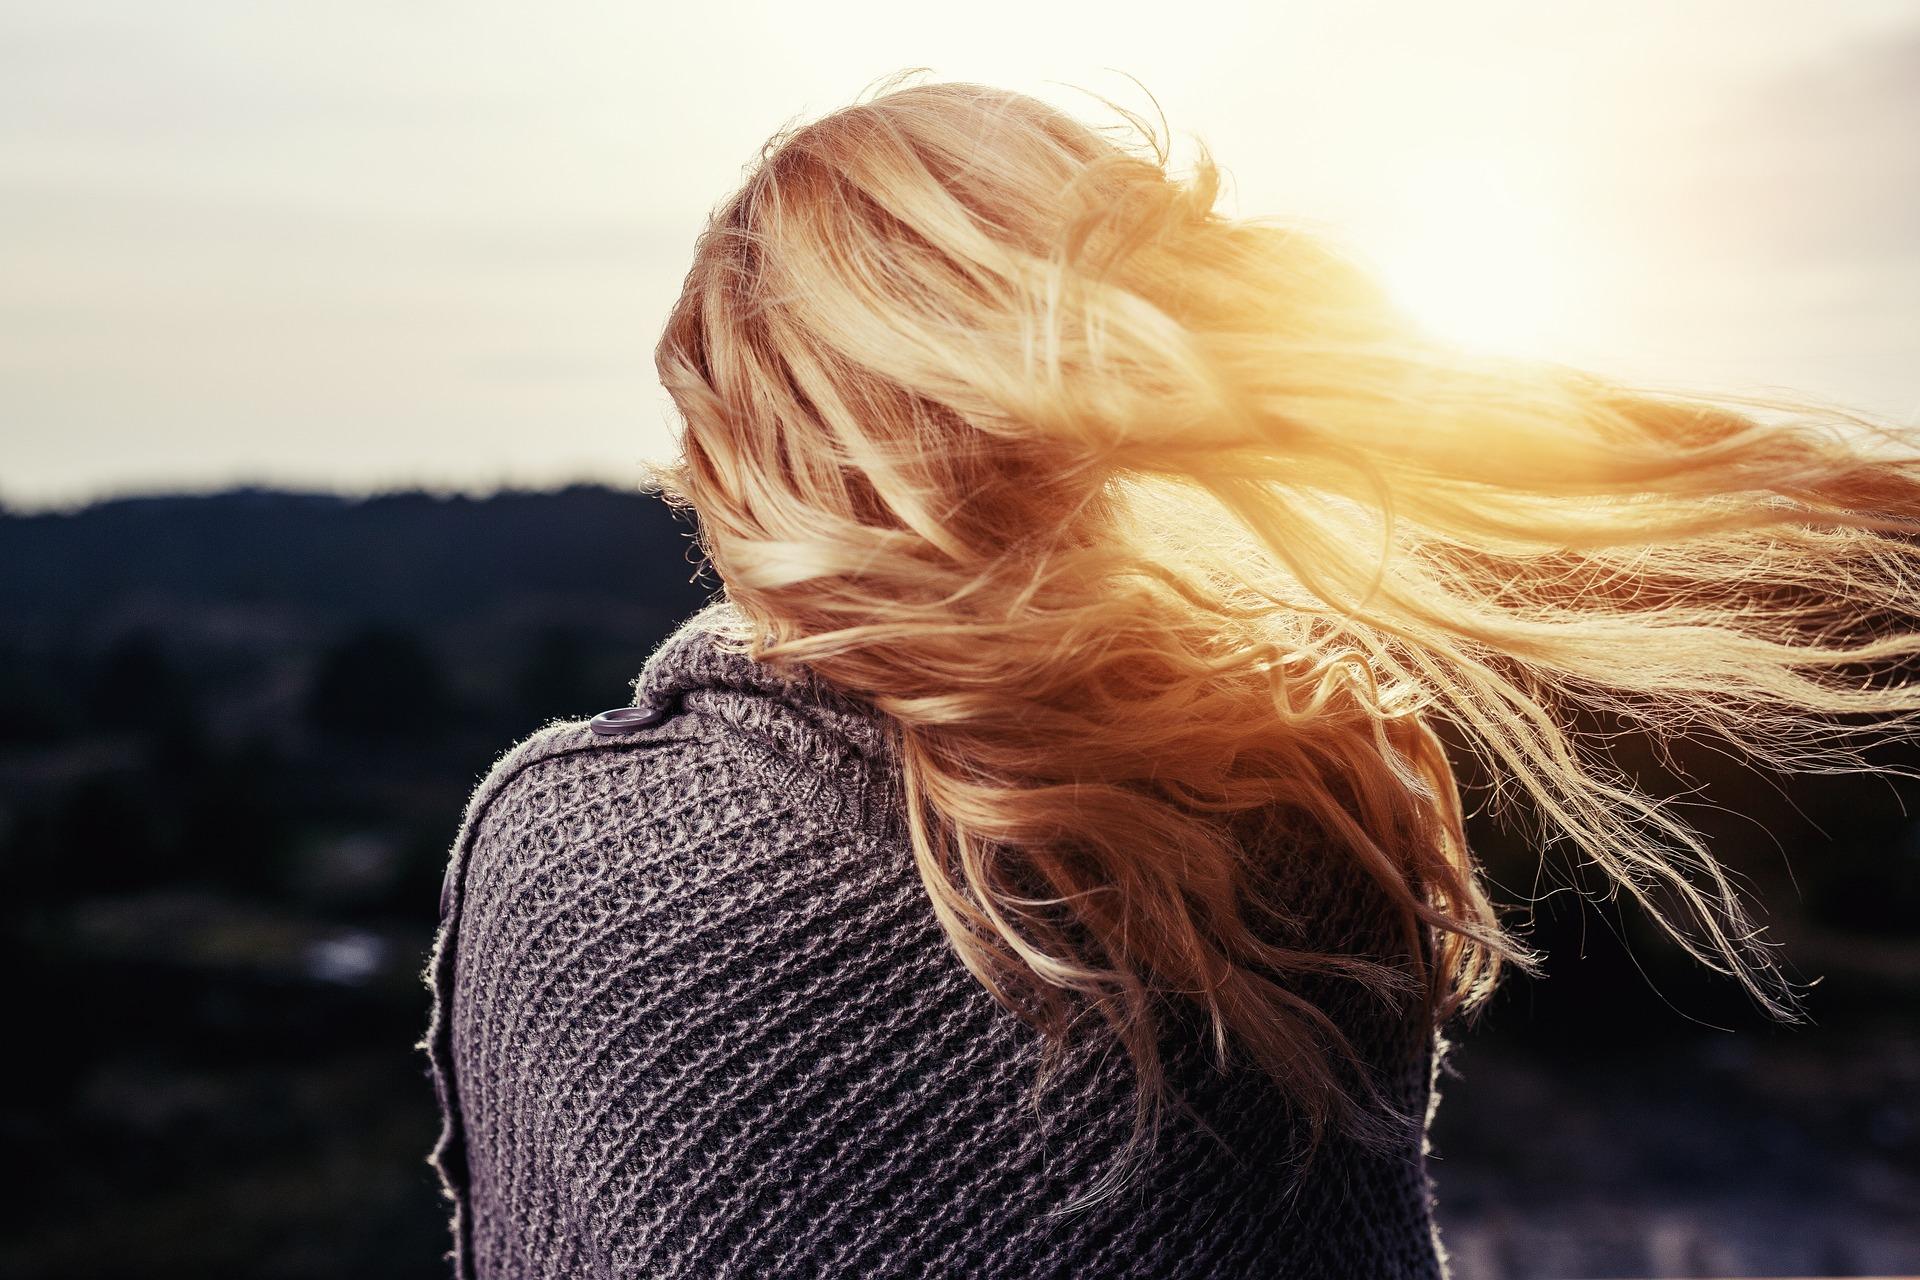 hair-styling-mistakes-Maple-Grove-hair-salon.jpg